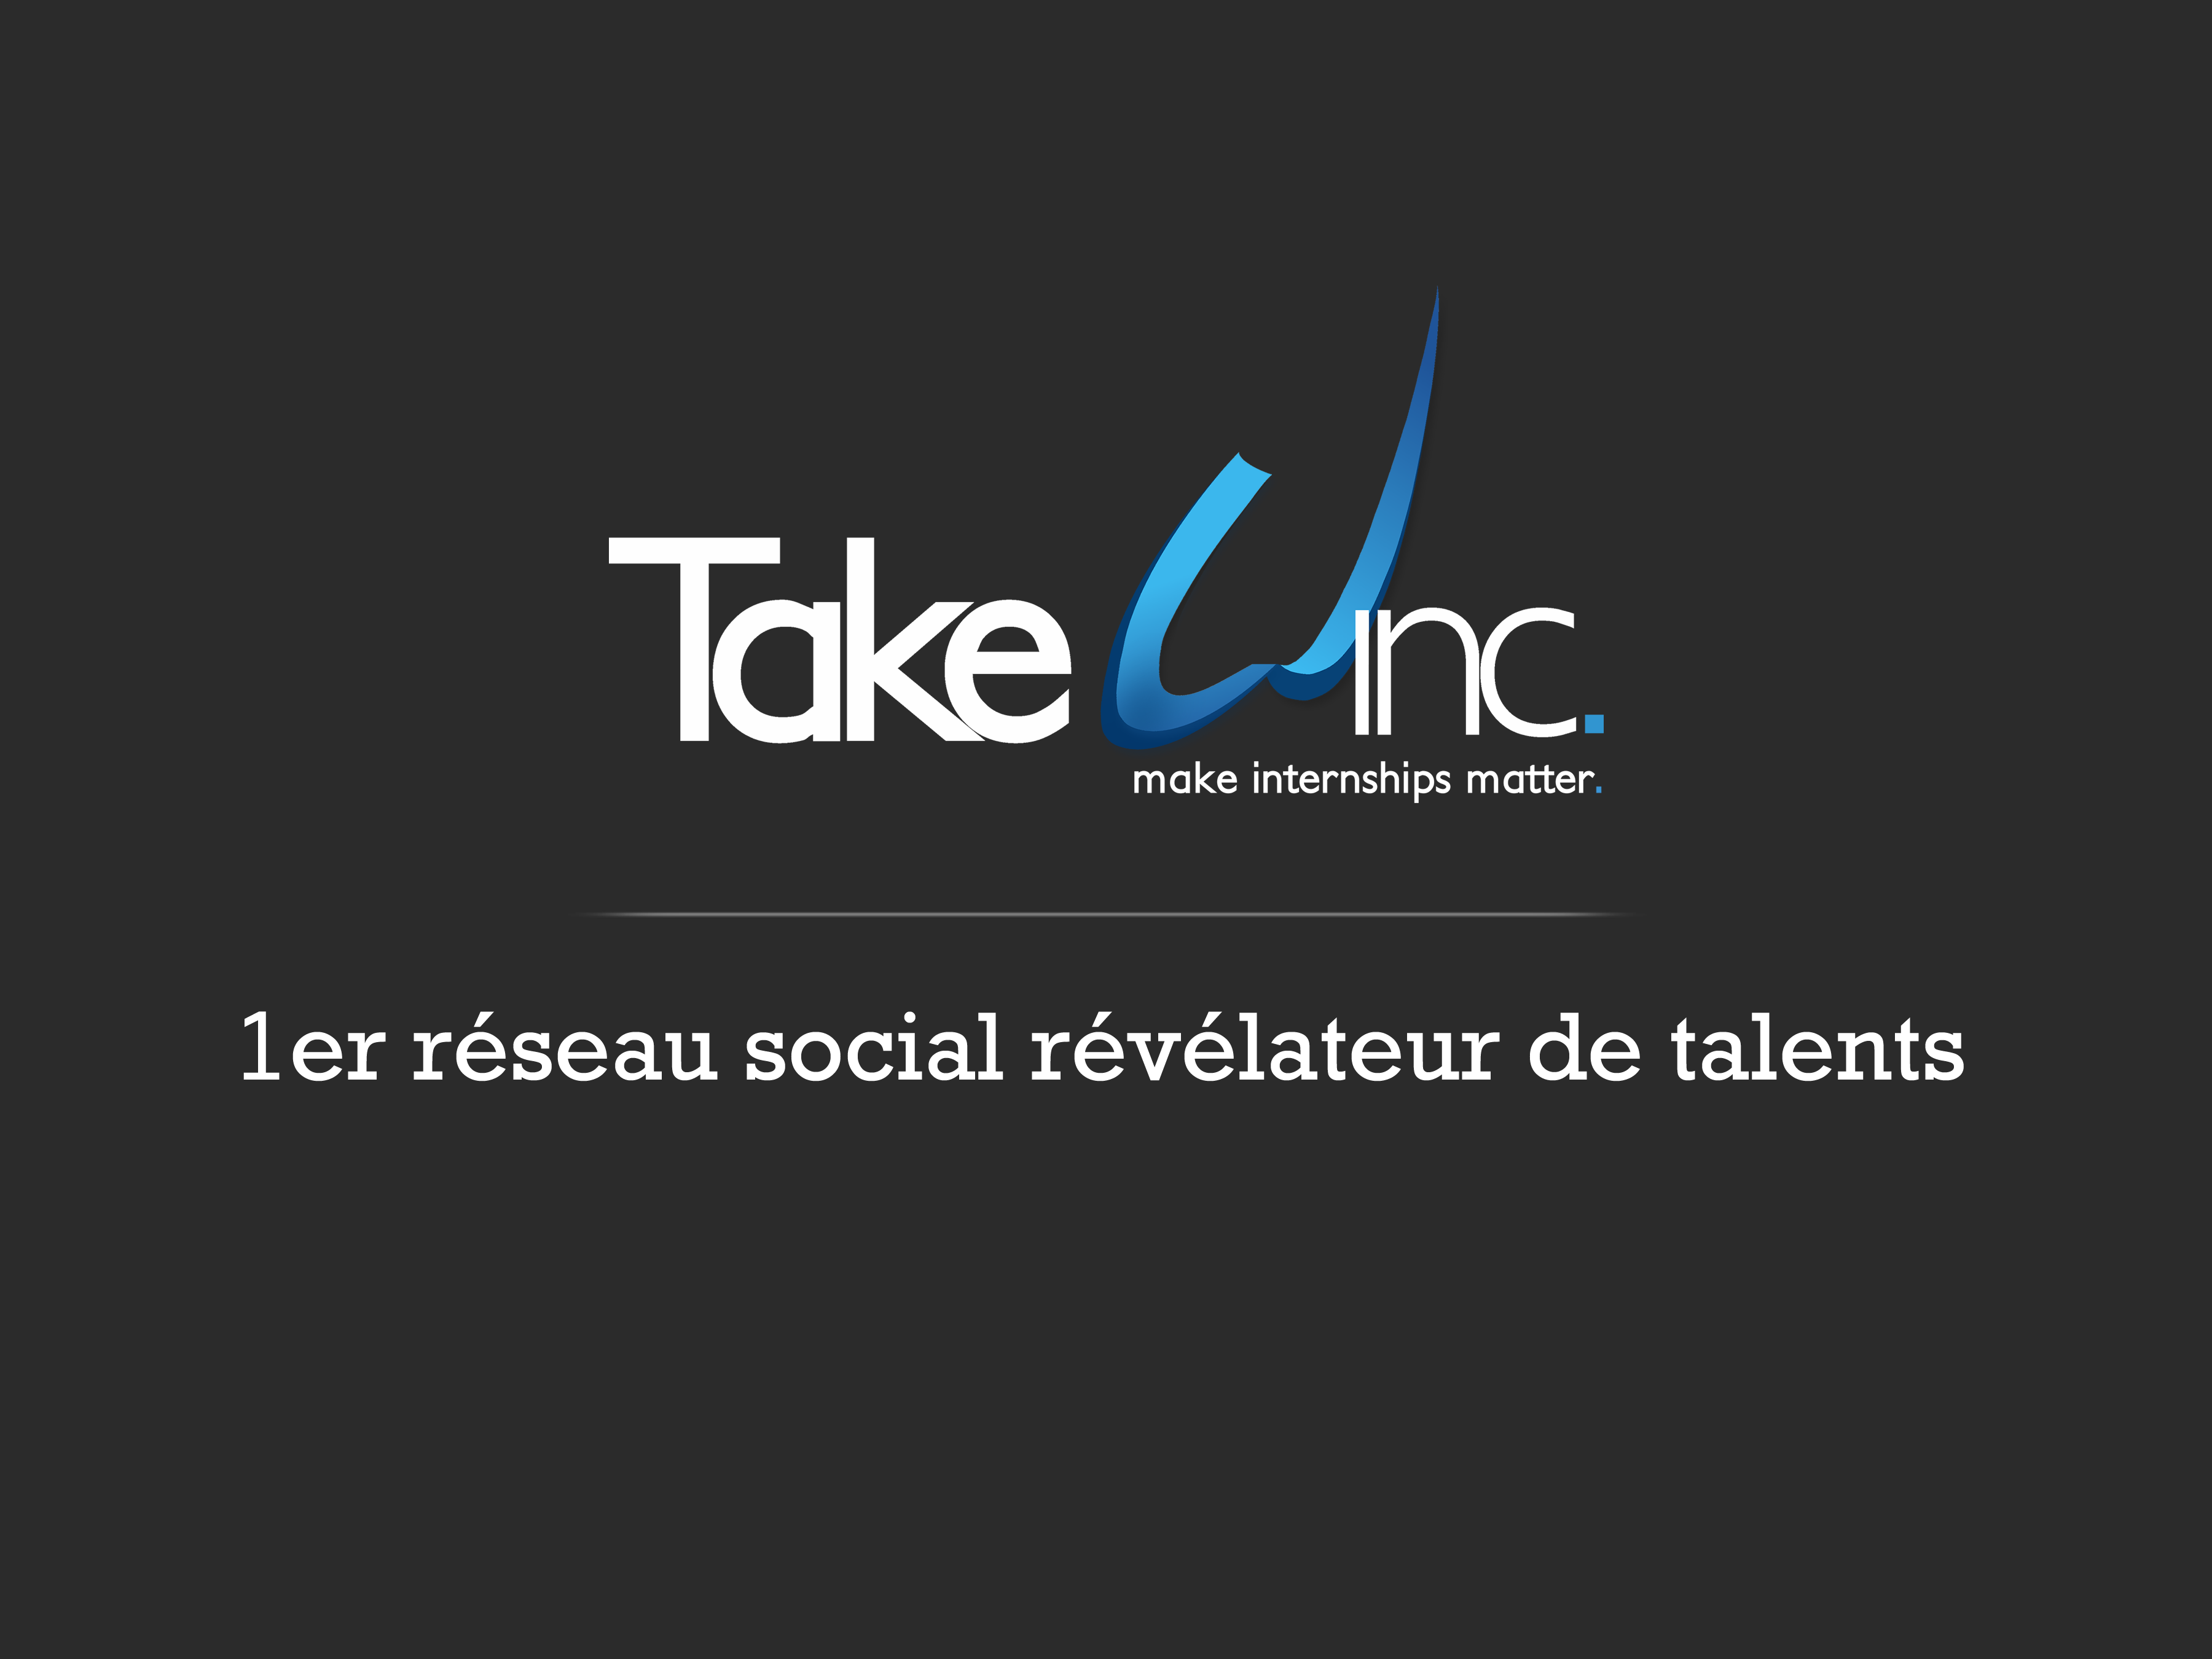 Description de TTI Success Insights est fier d'annoncer l'acquisition de la start-up TakewInc